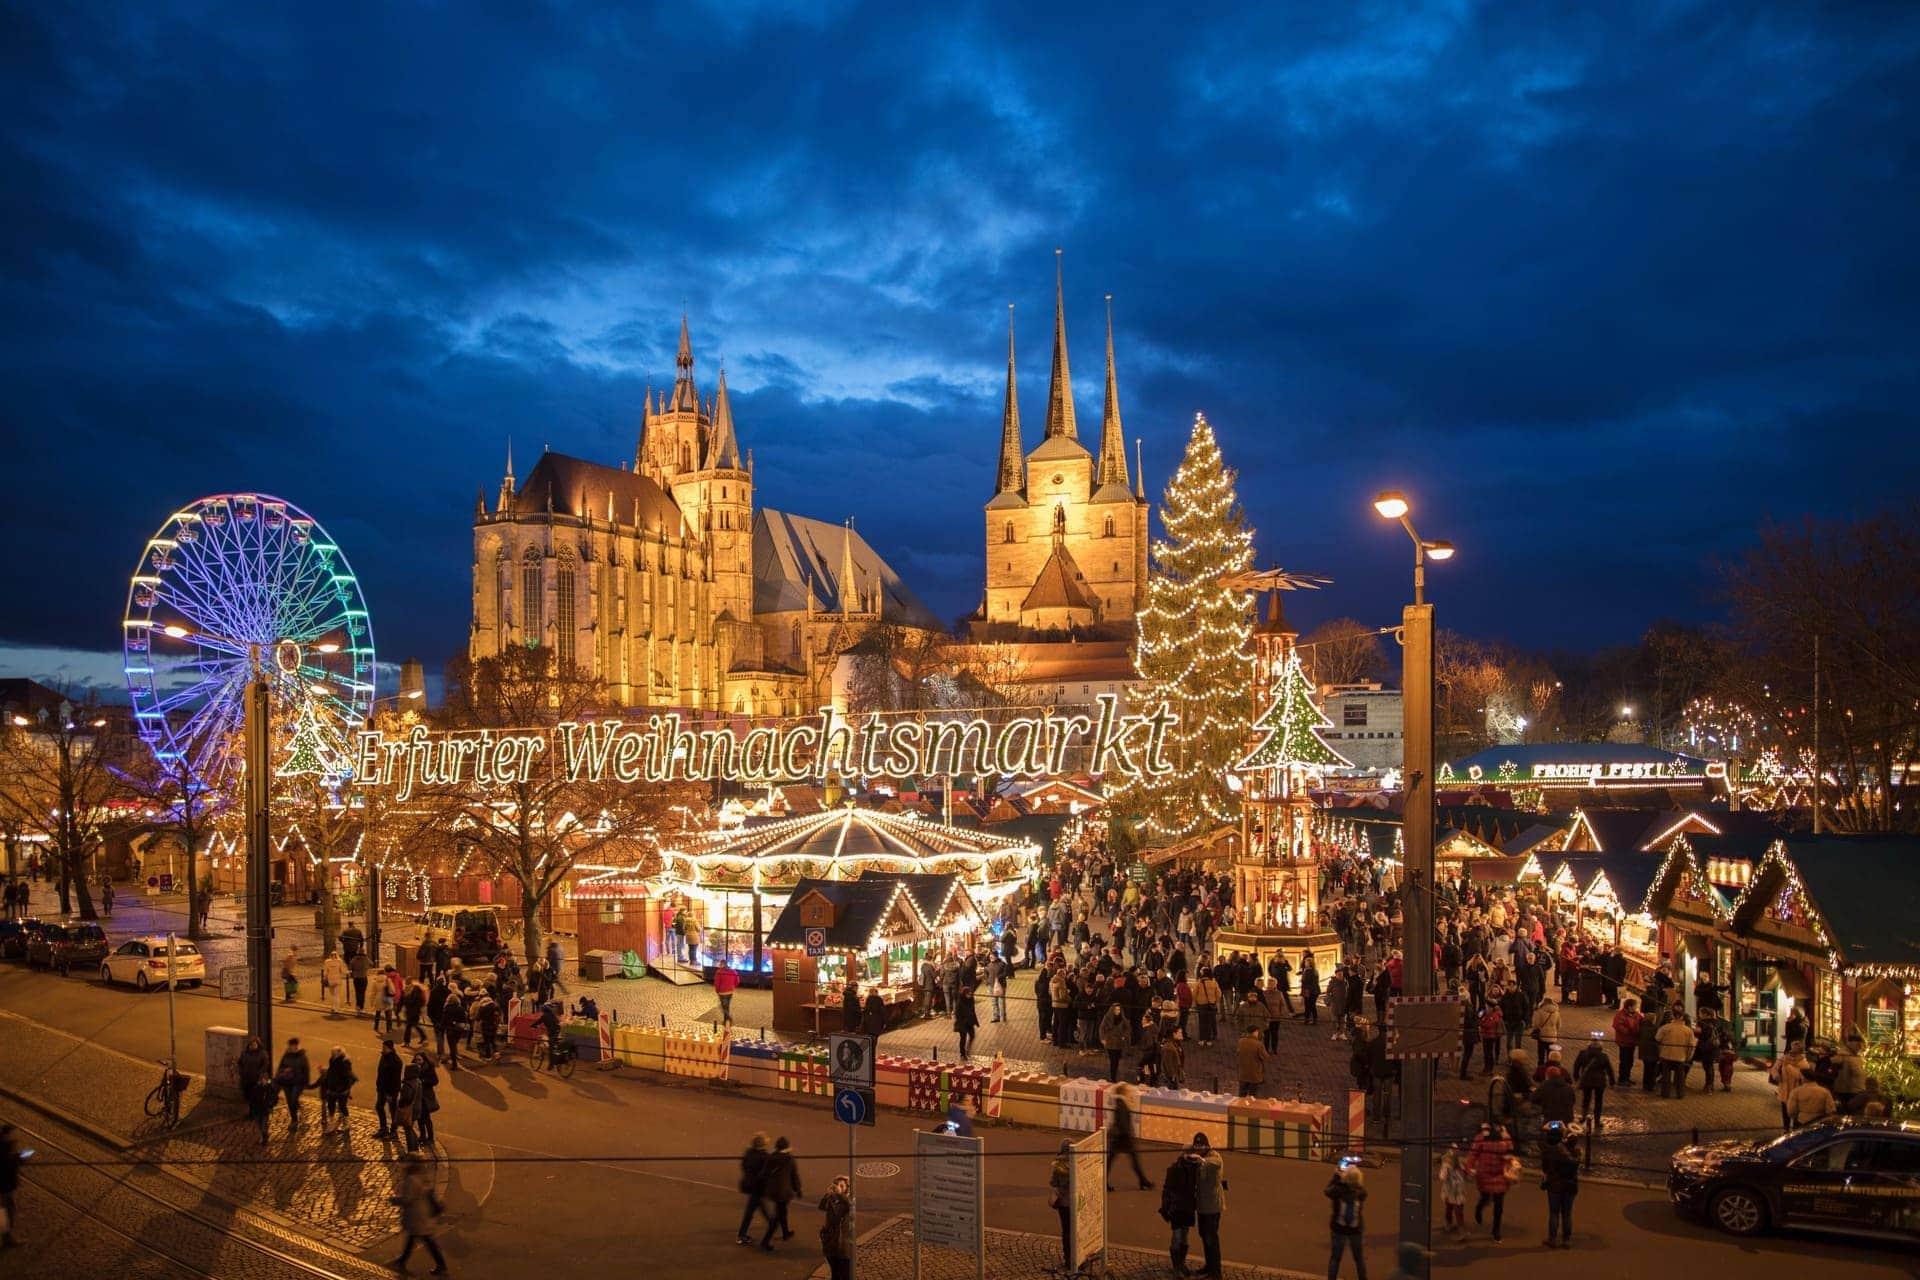 Bequem zum Erfurter Weihnachtsmarkt Per agilis Sonderzug zu einem der schönsten Weihnachtsmärkte in ganz Deutschland